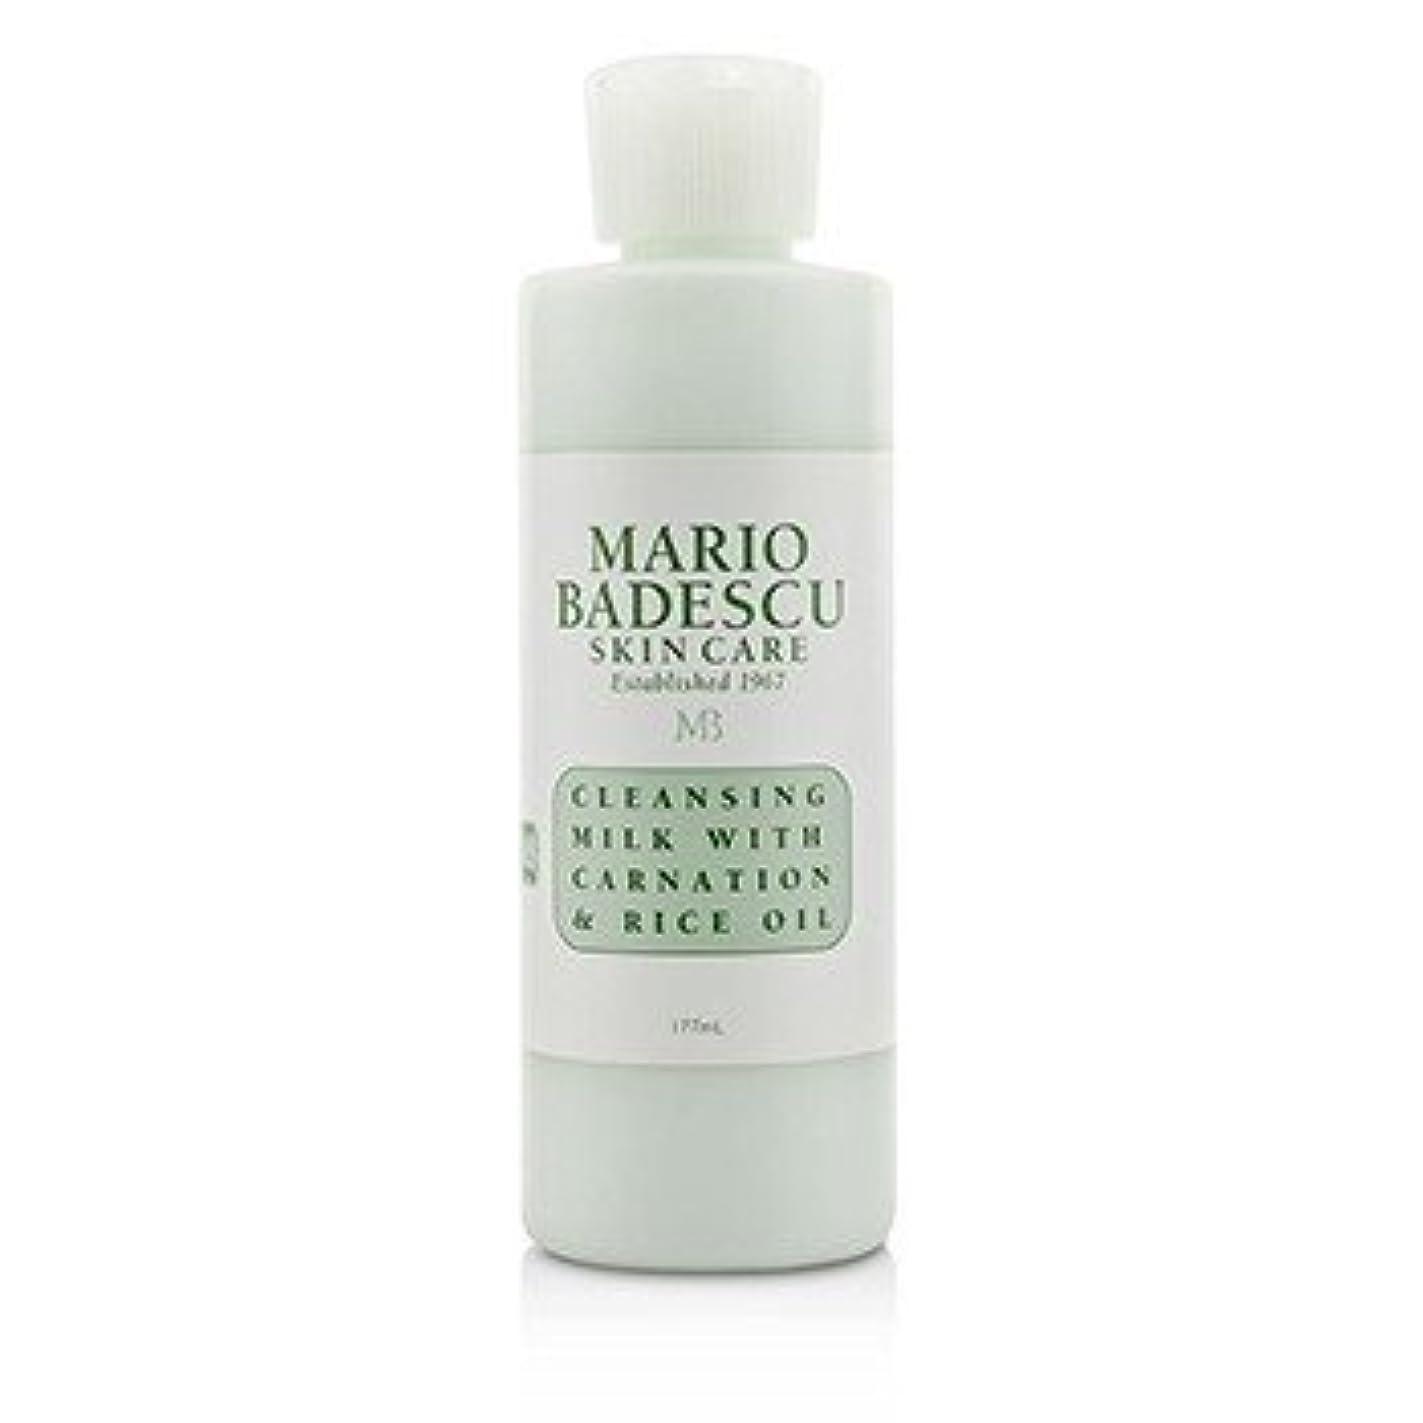 とらえどころのないあいまいサンダル[Mario Badescu] Cleansing Milk With Carnation & Rice Oil - For Dry/ Sensitive Skin Types 177ml/6oz